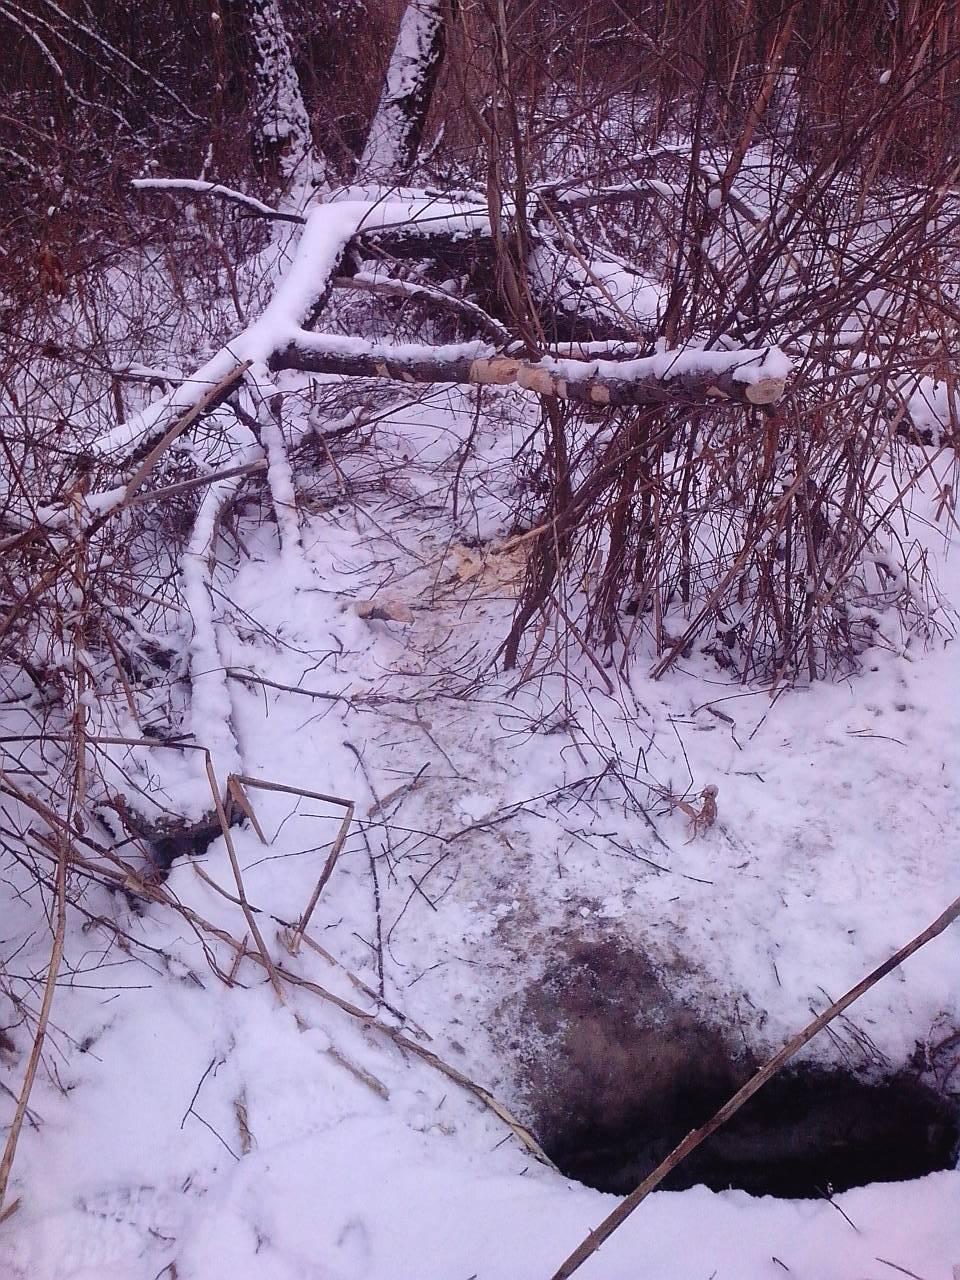 Охота на бобра зимой: с ружьем, капканами, петлями